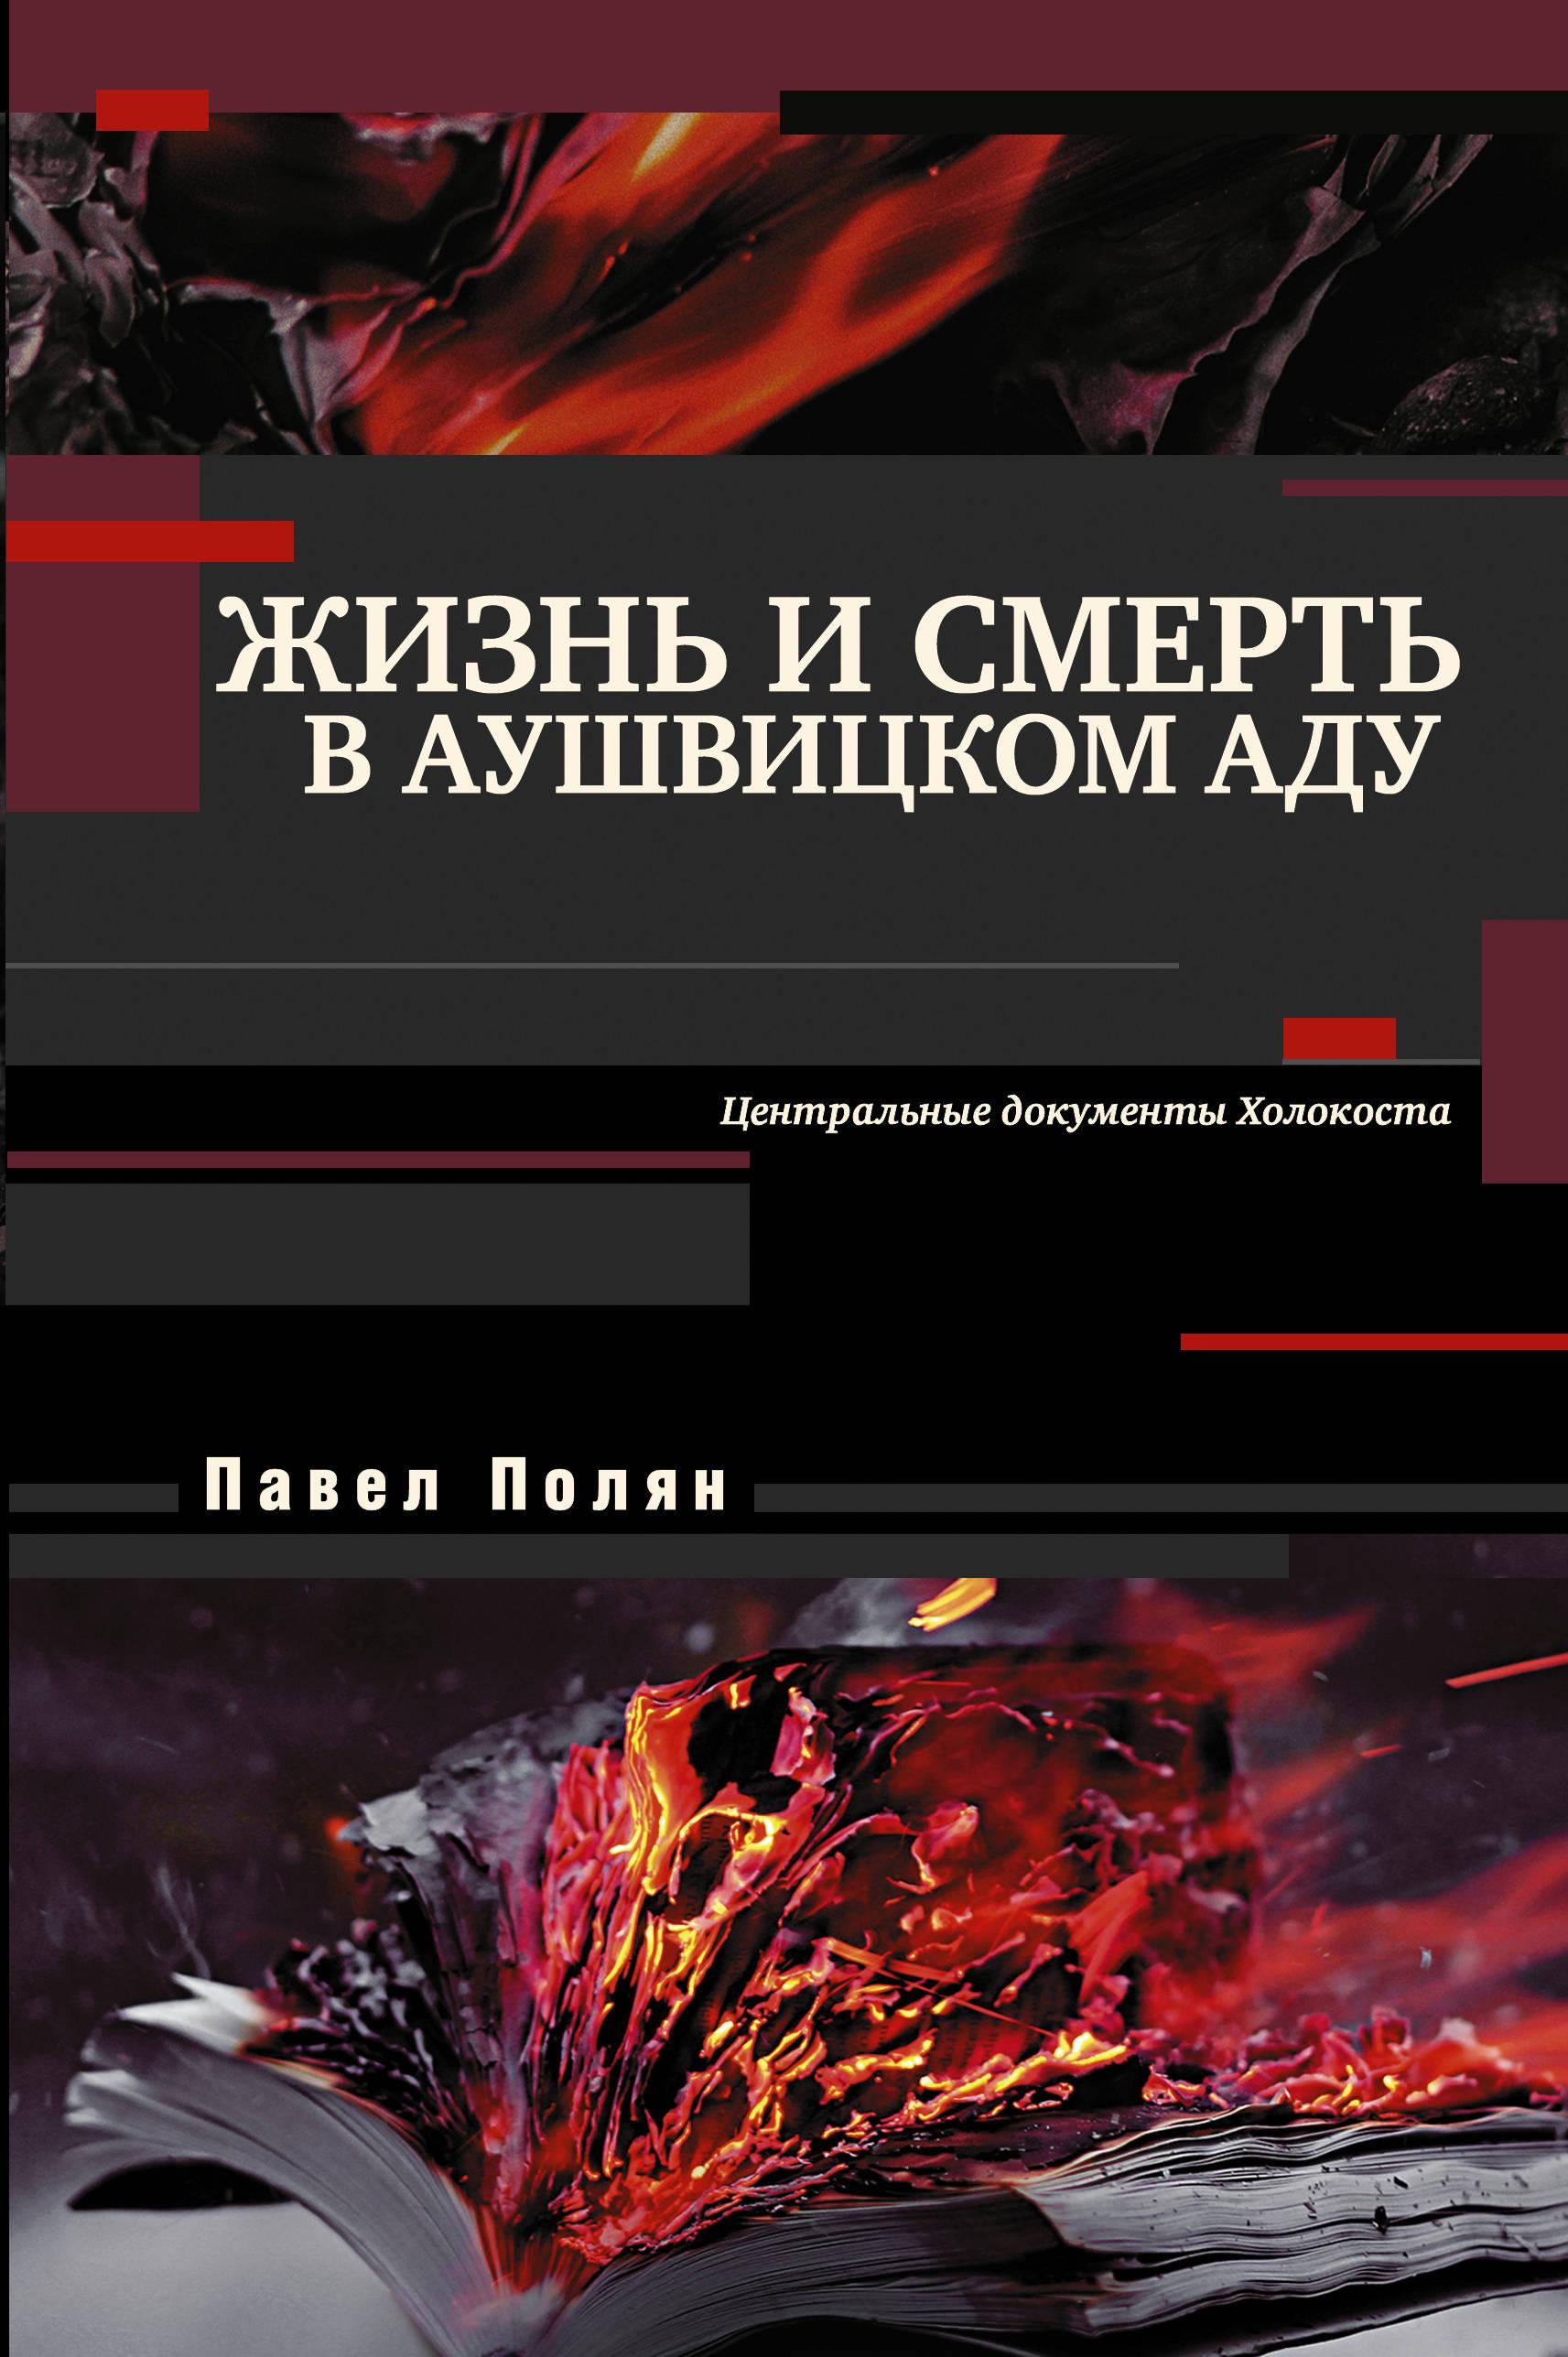 П. Полян Жизнь и смерть в аушвицком аду